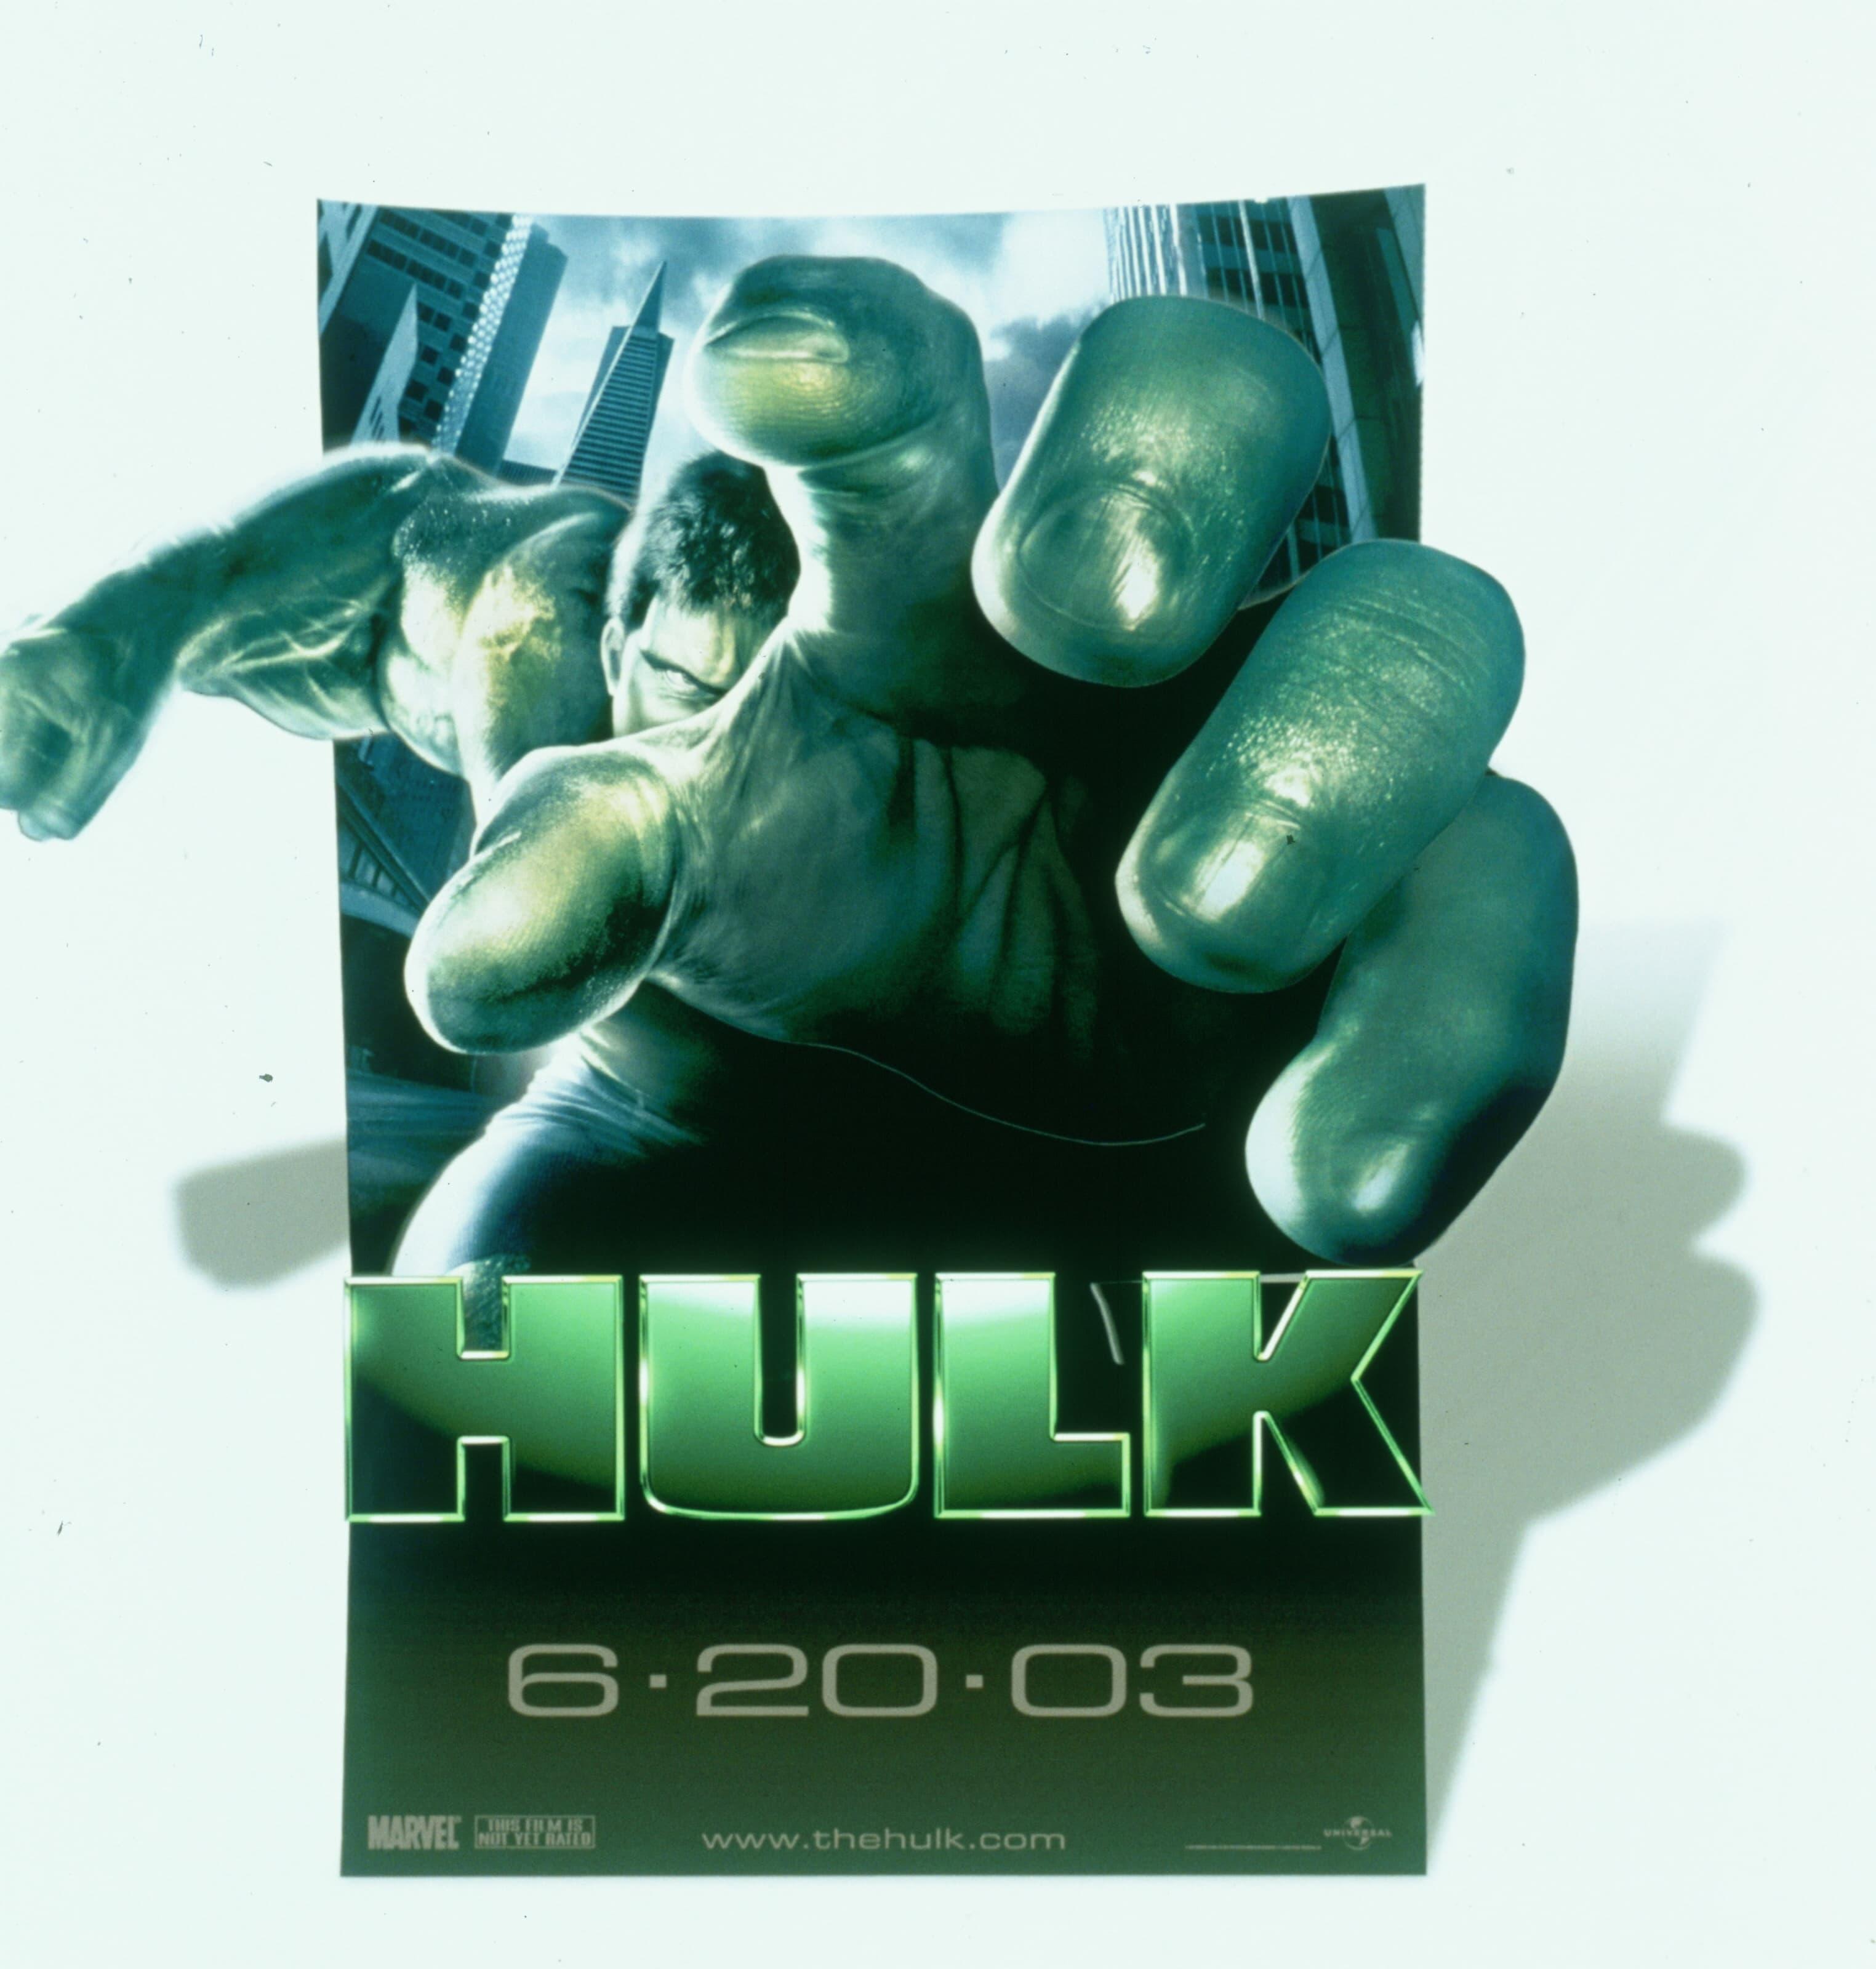 Hulk 6/20/03